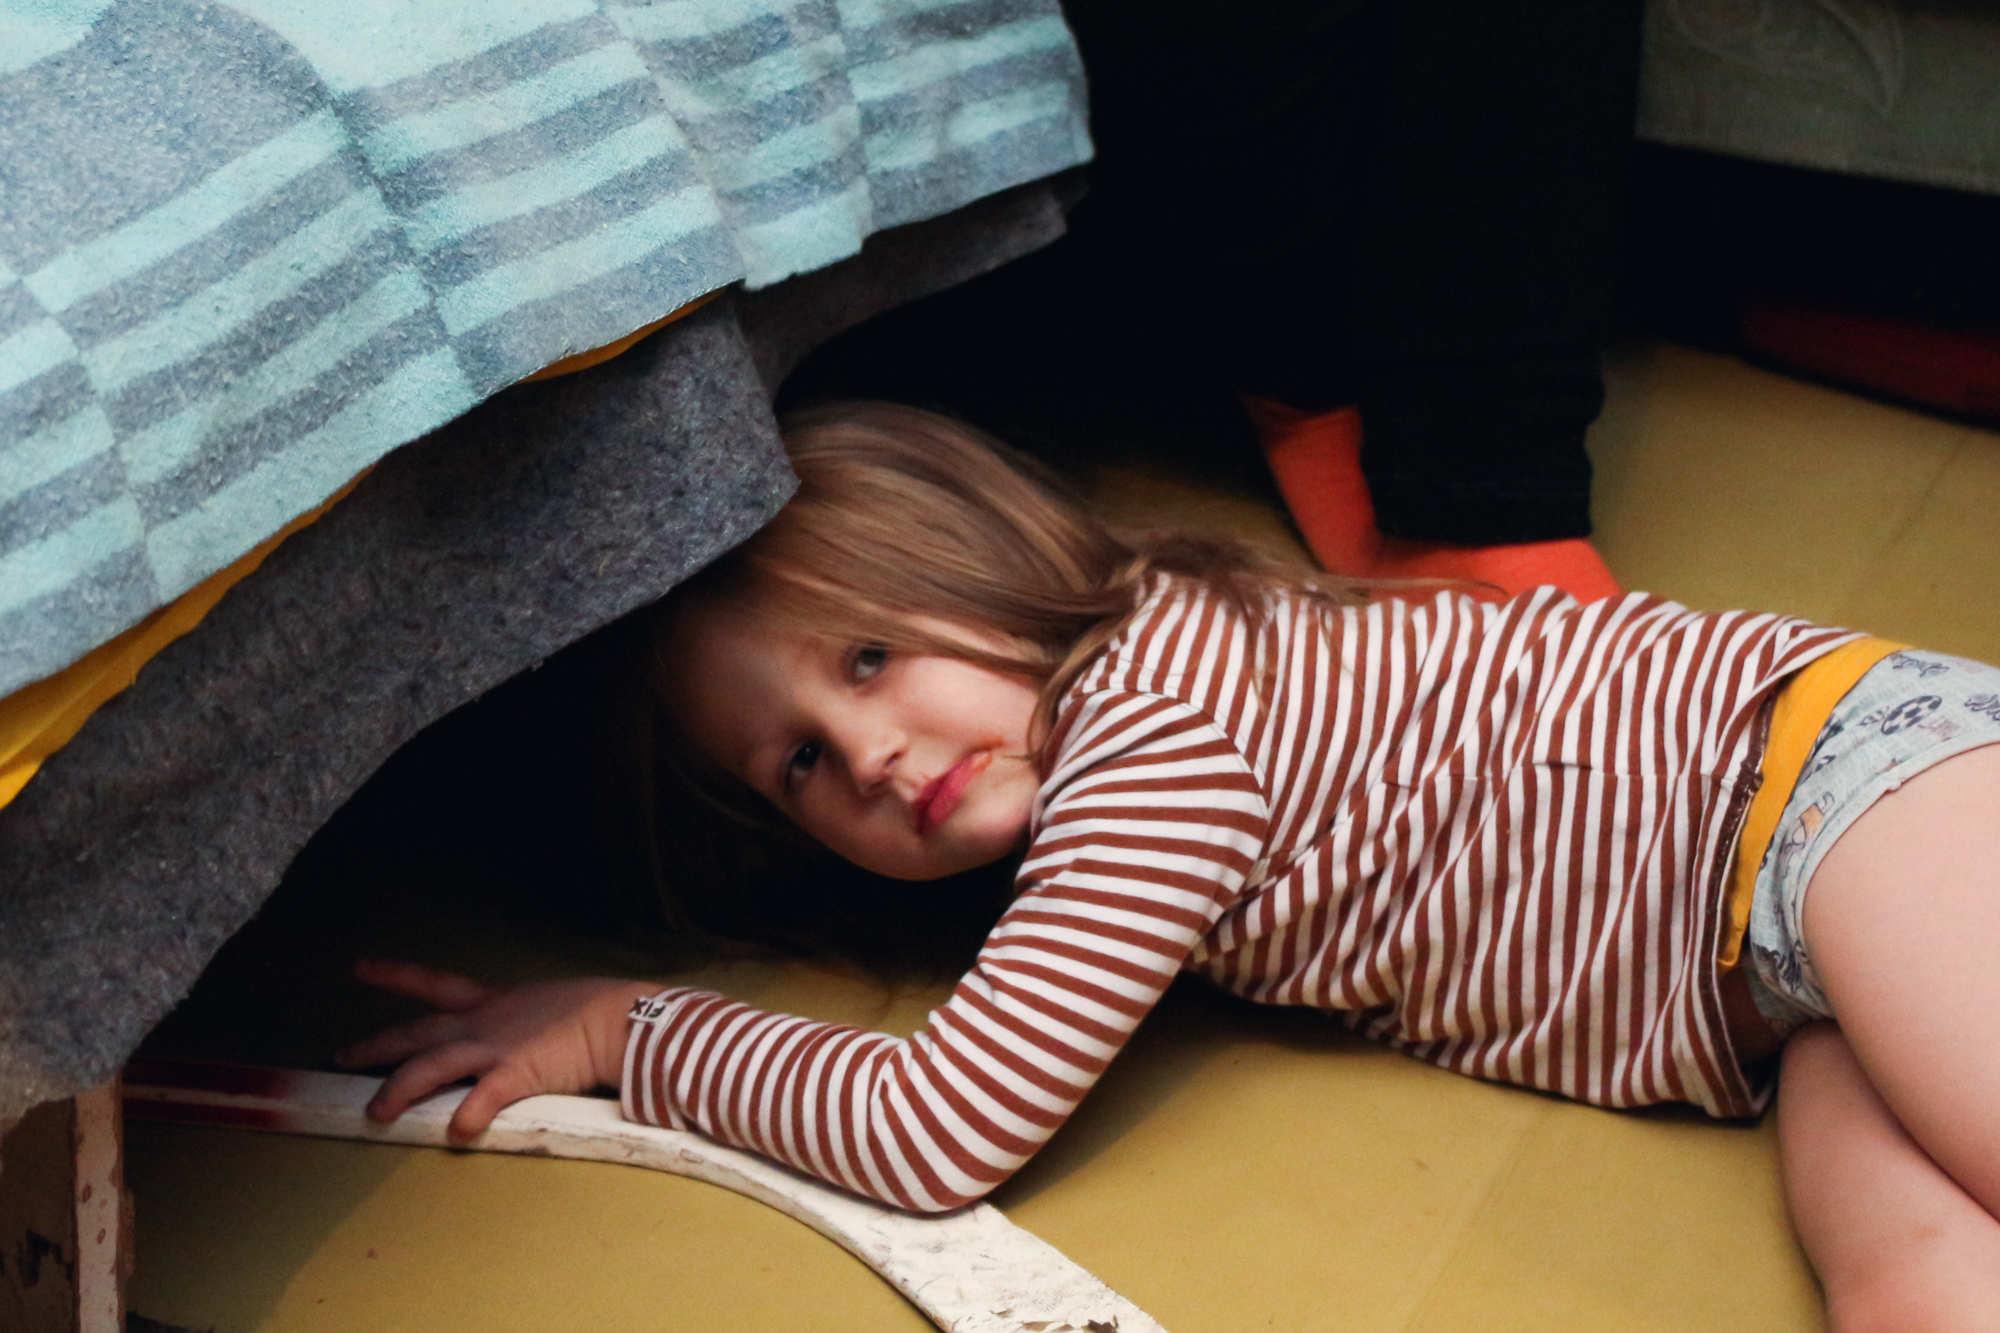 малышка показала как она любит шалить смотреть